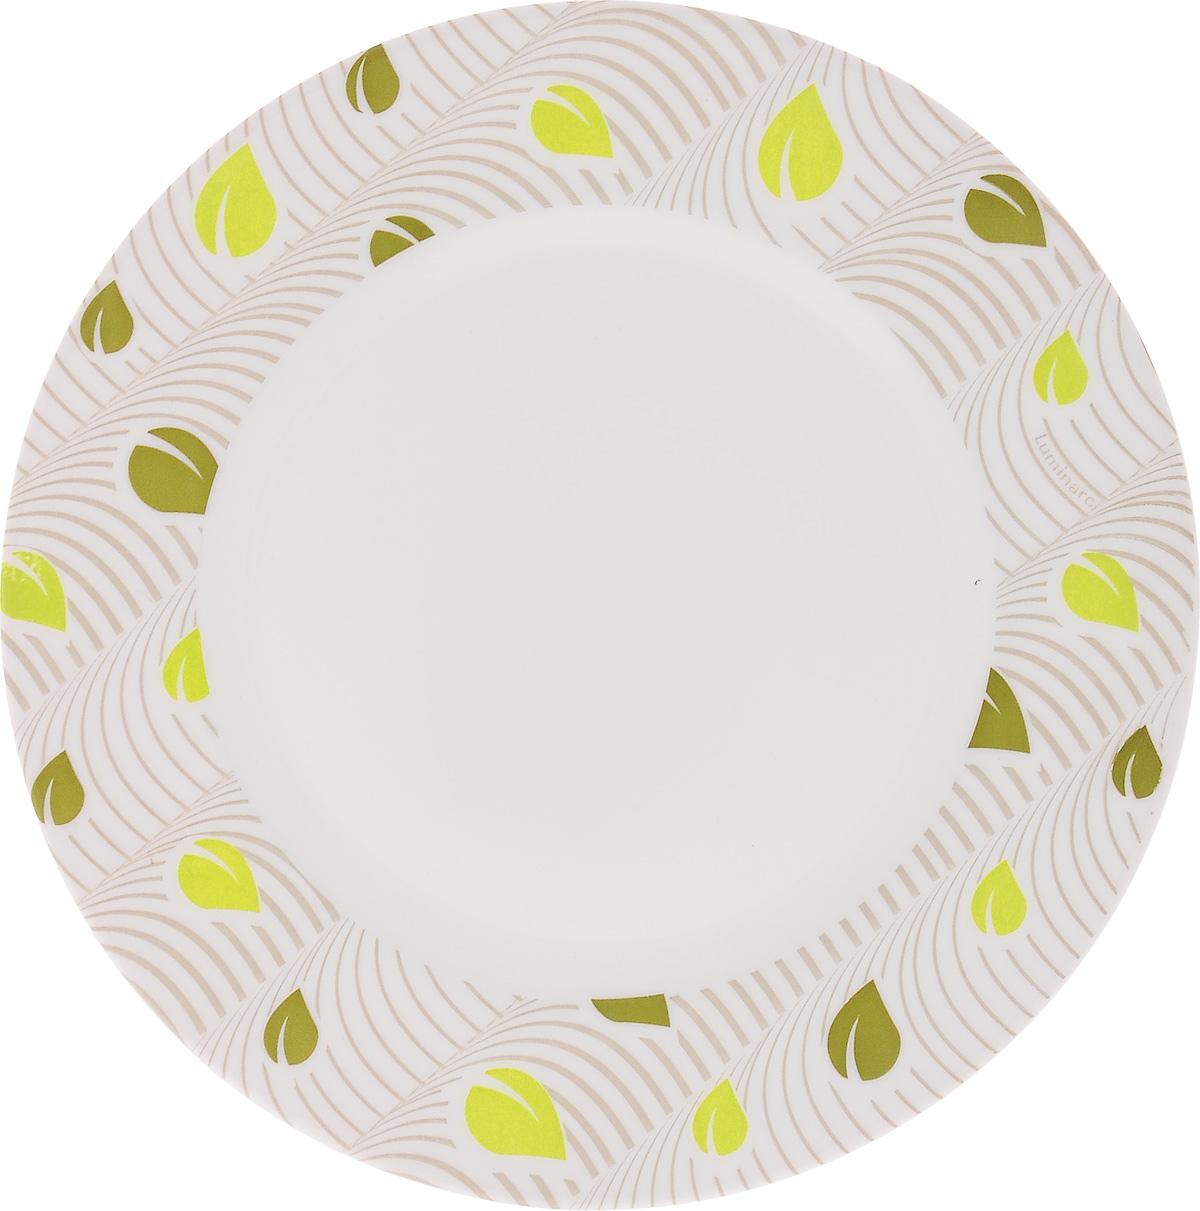 Тарелка десертная Luminarc Amely, 19 см54 009312Десертная тарелка Luminarc Amely, изготовленная из ударопрочного стекла, имеет изысканный внешний вид. Такая тарелка прекрасно подходит как для торжественных случаев, так и для повседневного использования. Идеальна для подачи десертов, пирожных, тортов и многого другого. Она прекрасно оформит стол и станет отличным дополнением к вашей коллекции кухонной посуды. Диаметр тарелки (по верхнему краю): 19 см.